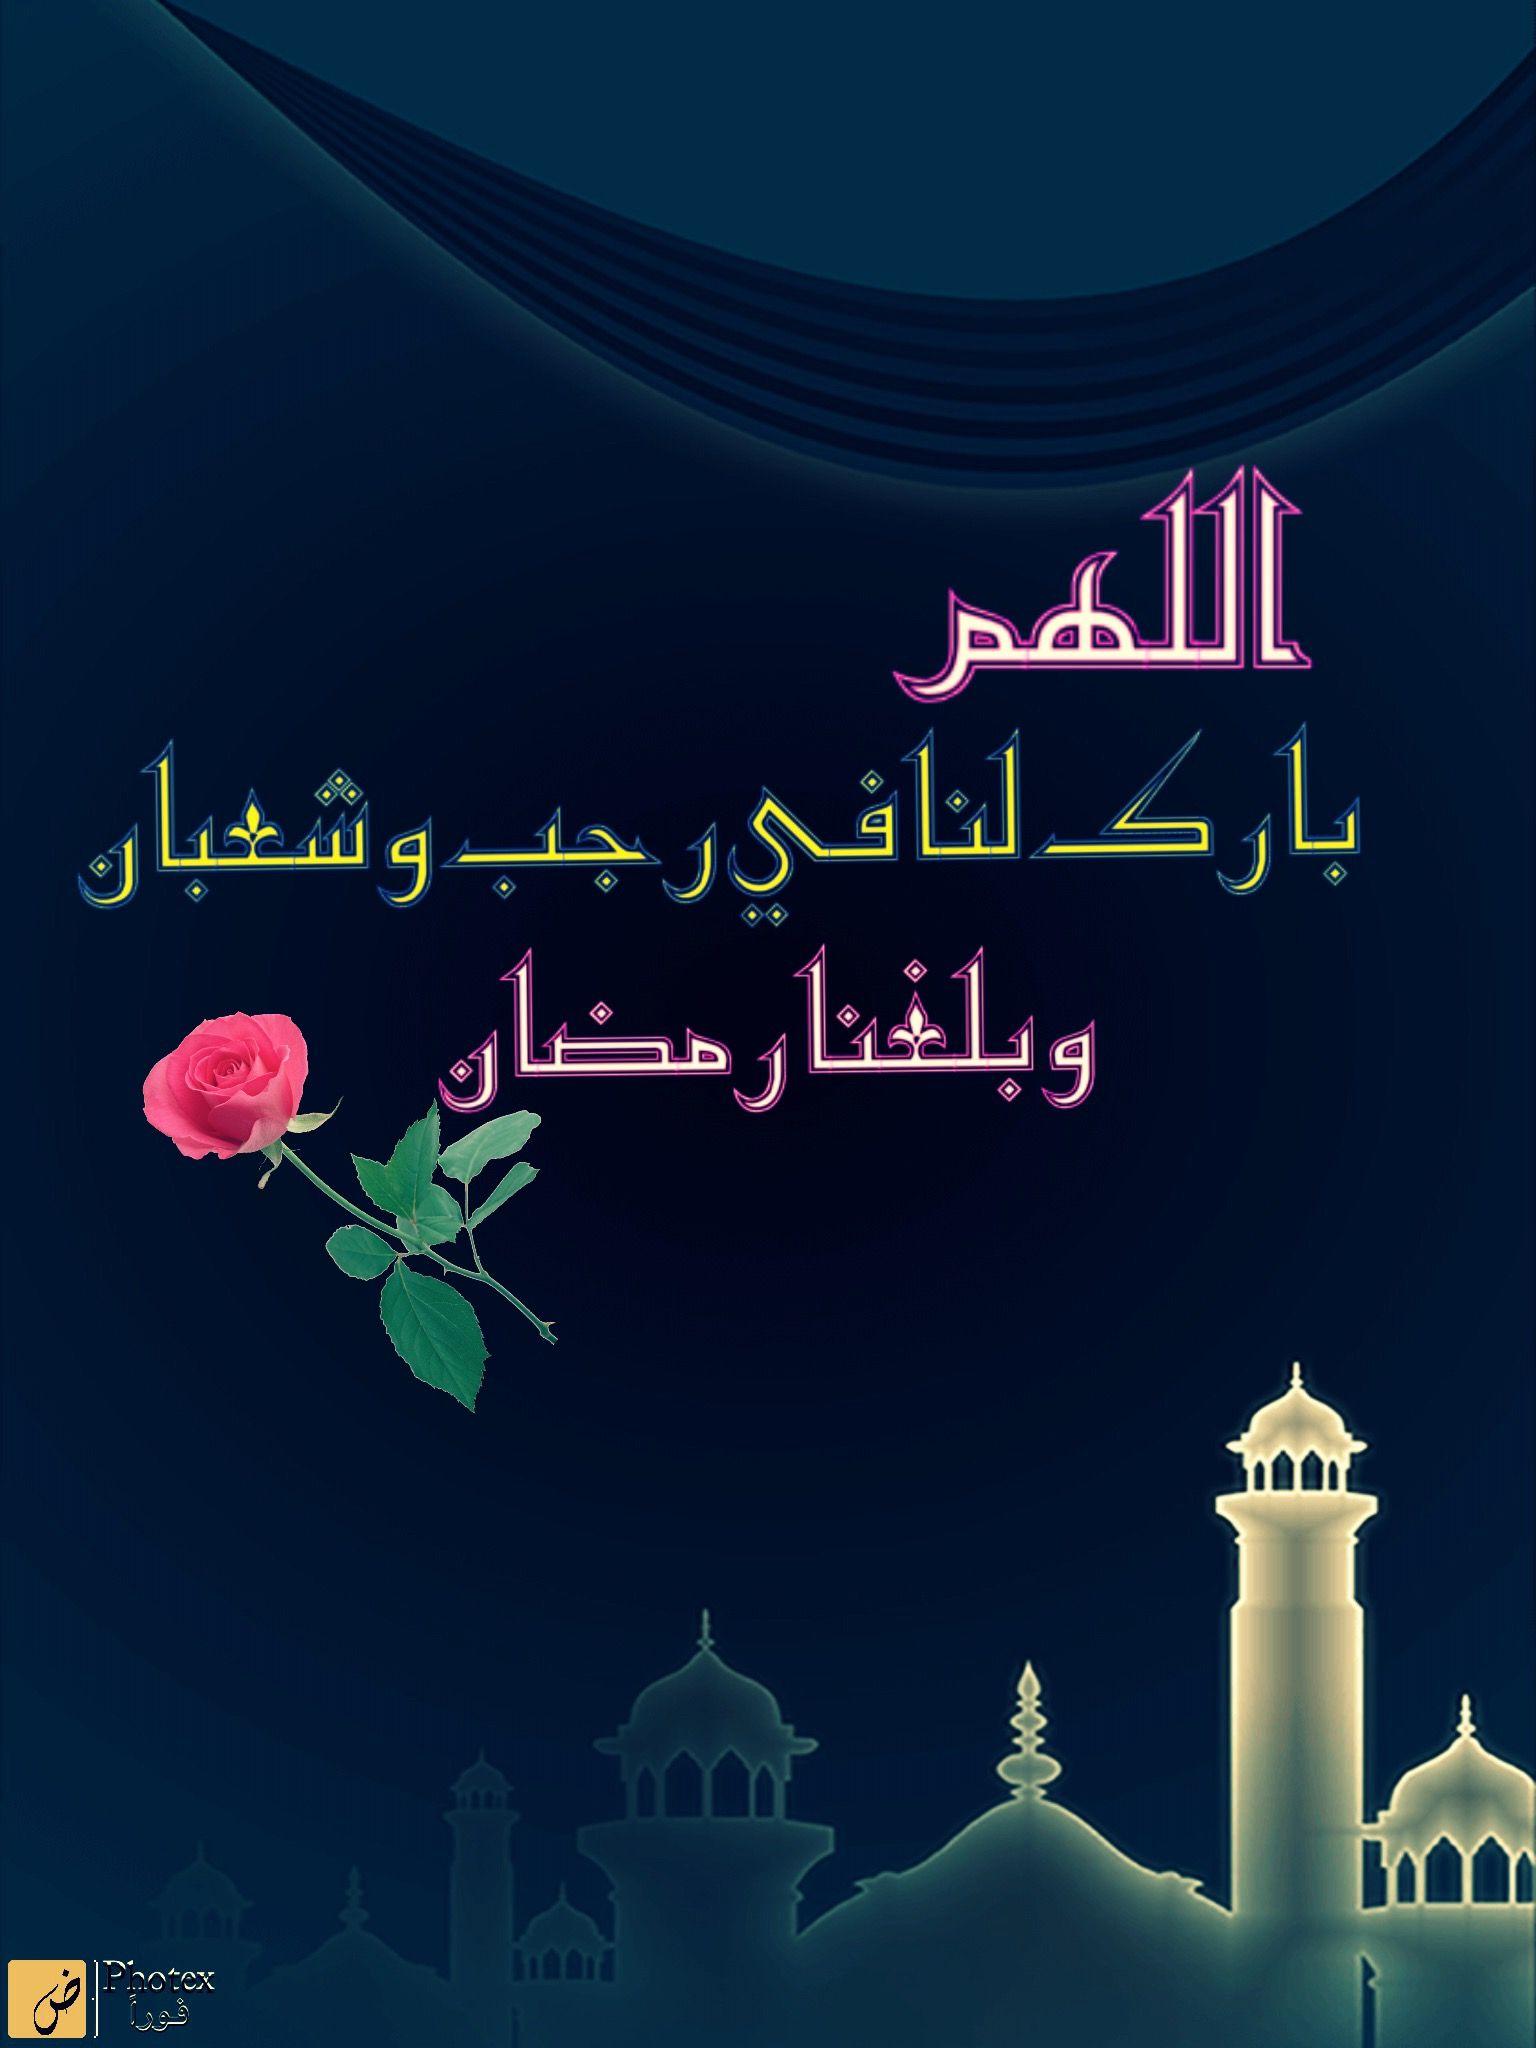 Desertrose يوم جميل يترك أملا ويكتب حروفا جديدة للسعادة اللہم بك أصبحنا وبك أمسيـنآ وعليك توكلنا وأنت خير الحافظين صب Ramadan Islamic Quotes Holy Quran